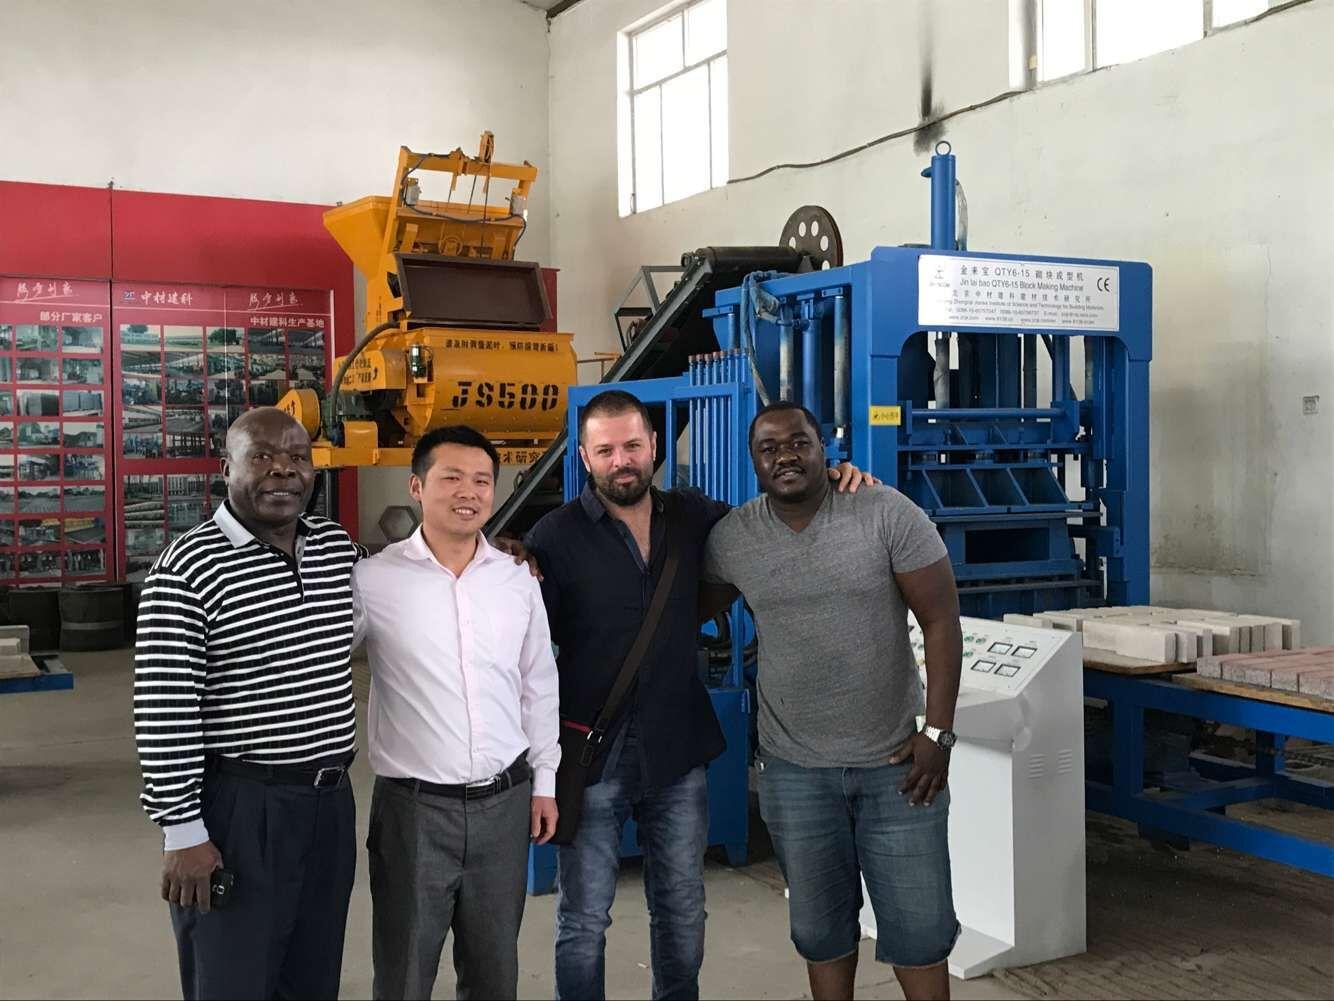 Bloco de ZCJK que faz o cliente da máquina na embaixada de Uganda